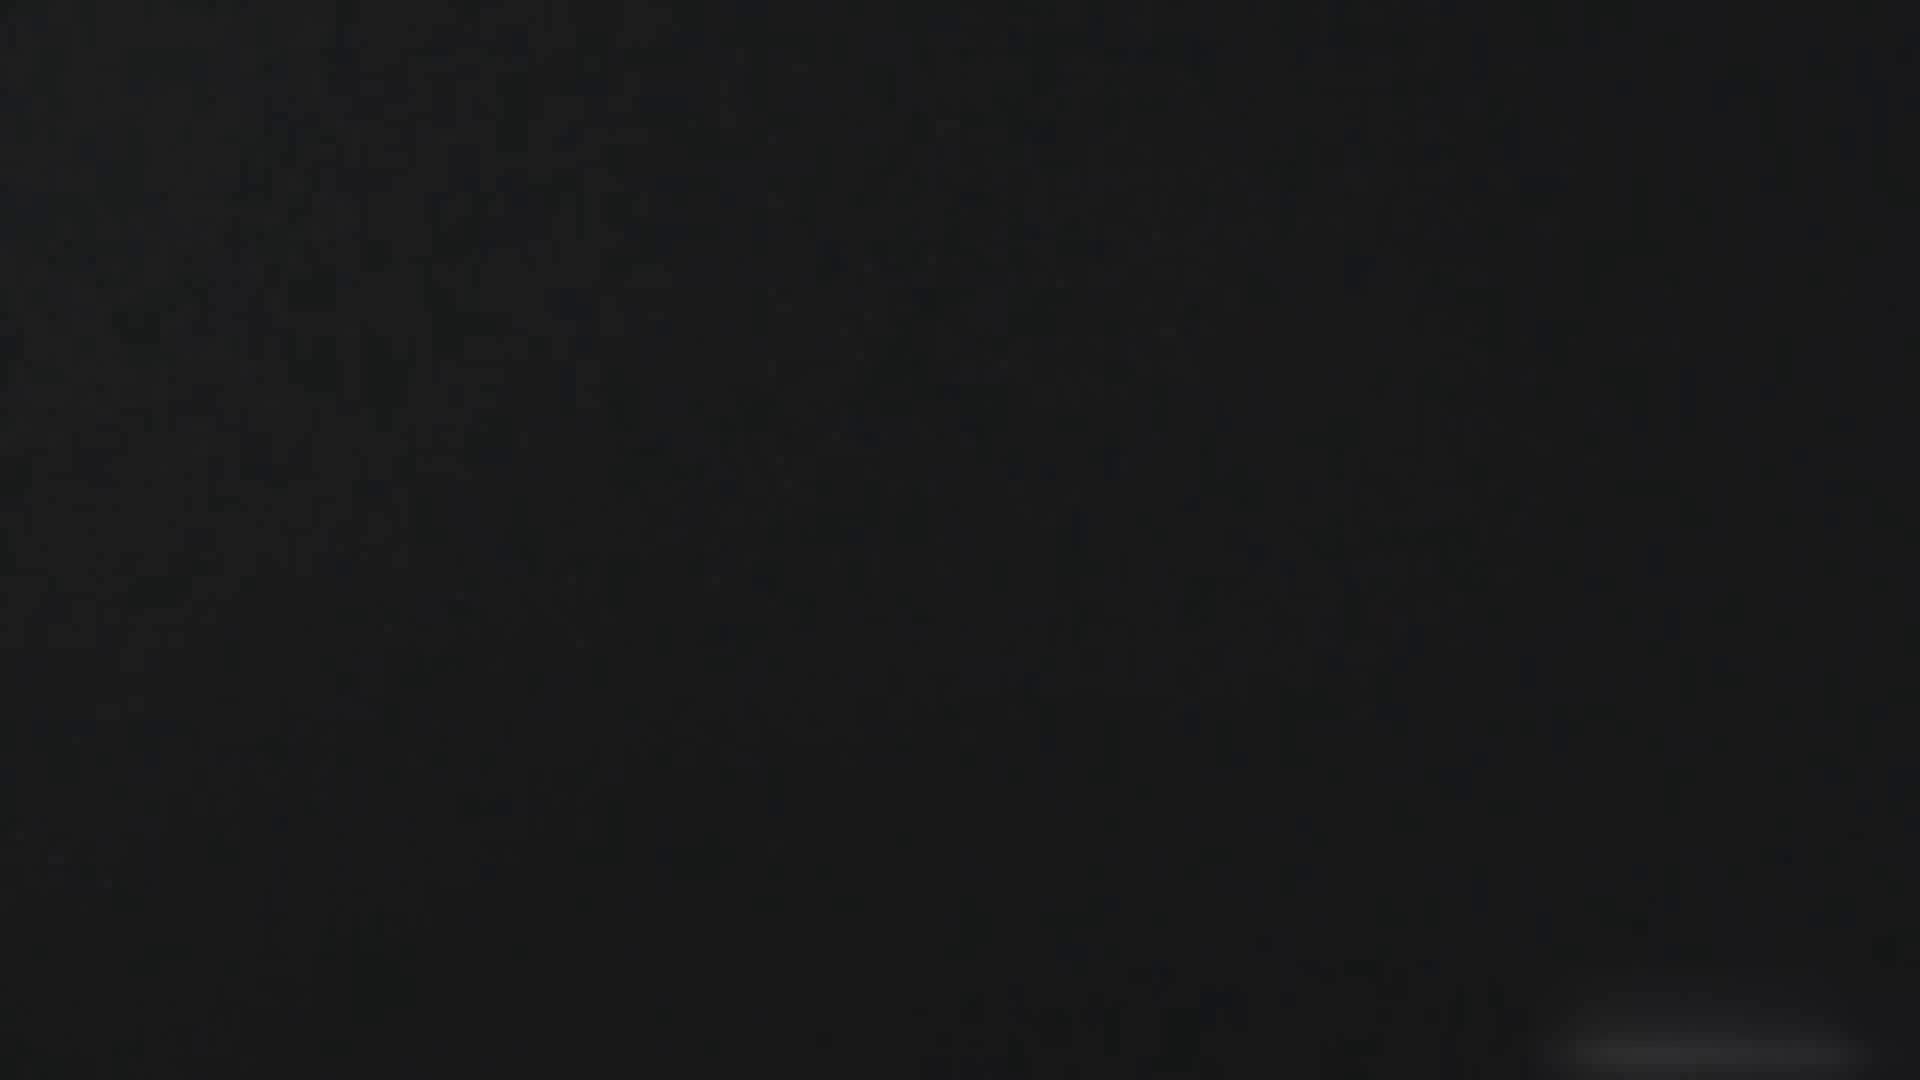 屋外トイレっと!Vol.06 お姉さん オマンコ無修正動画無料 80連発 47